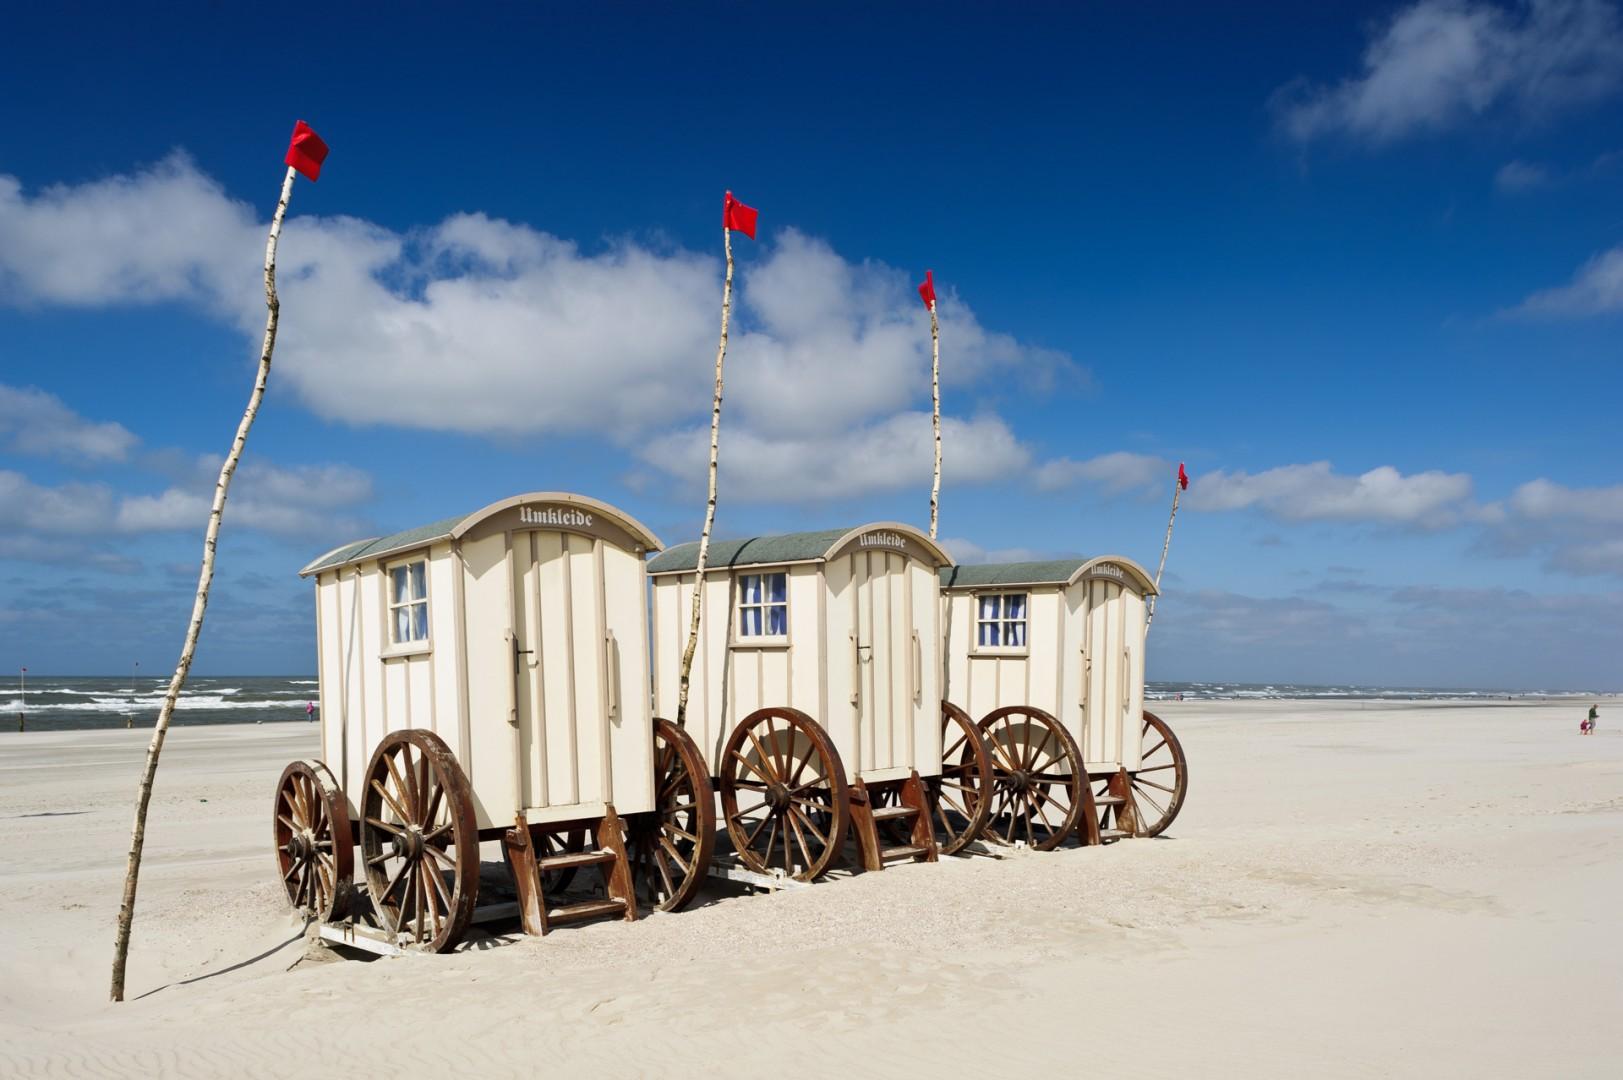 Strandwagen sind historische Umkleidekabinen am Sandstrand der Ostfriesischen Insel Norderney